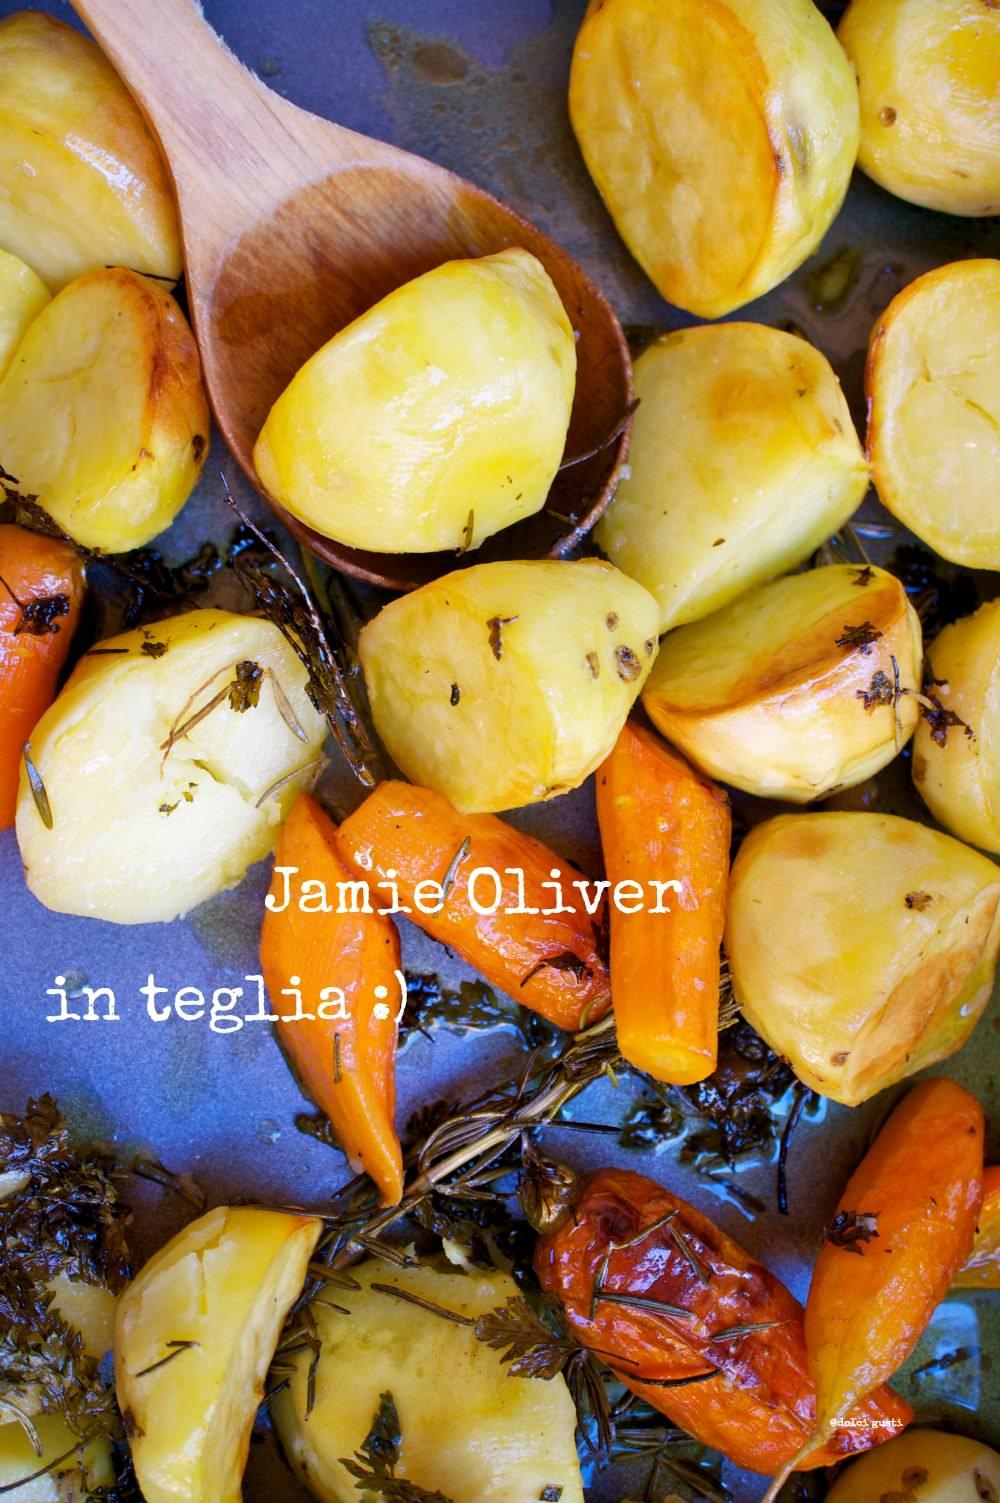 patate e carote al forno di Jamie Oliver